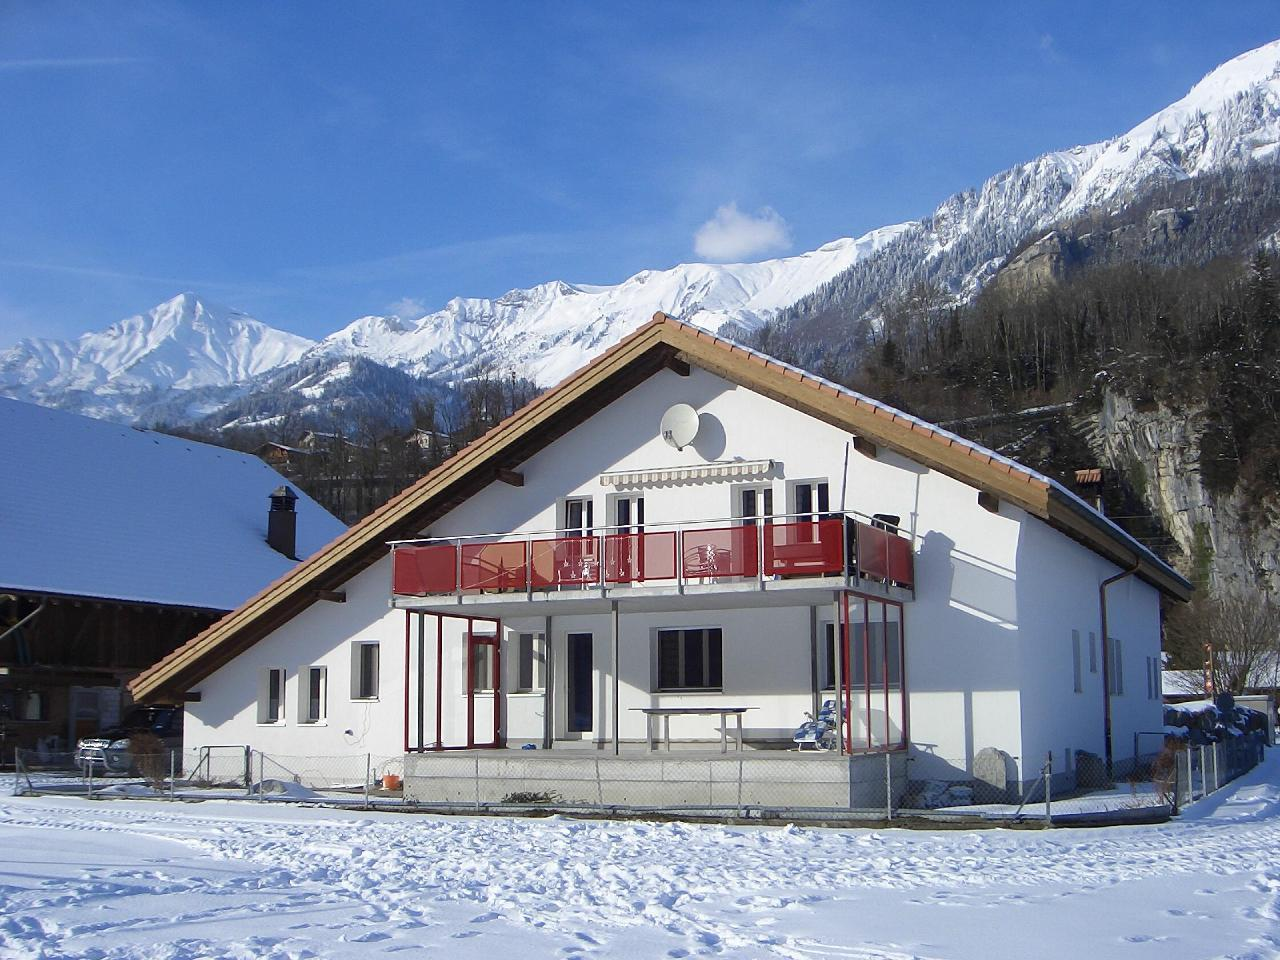 Ferienwohnung Peter Michel 5-Bettwohnung (2692283), Unterbach BE, Meiringen - Hasliberg, Berner Oberland, Schweiz, Bild 1